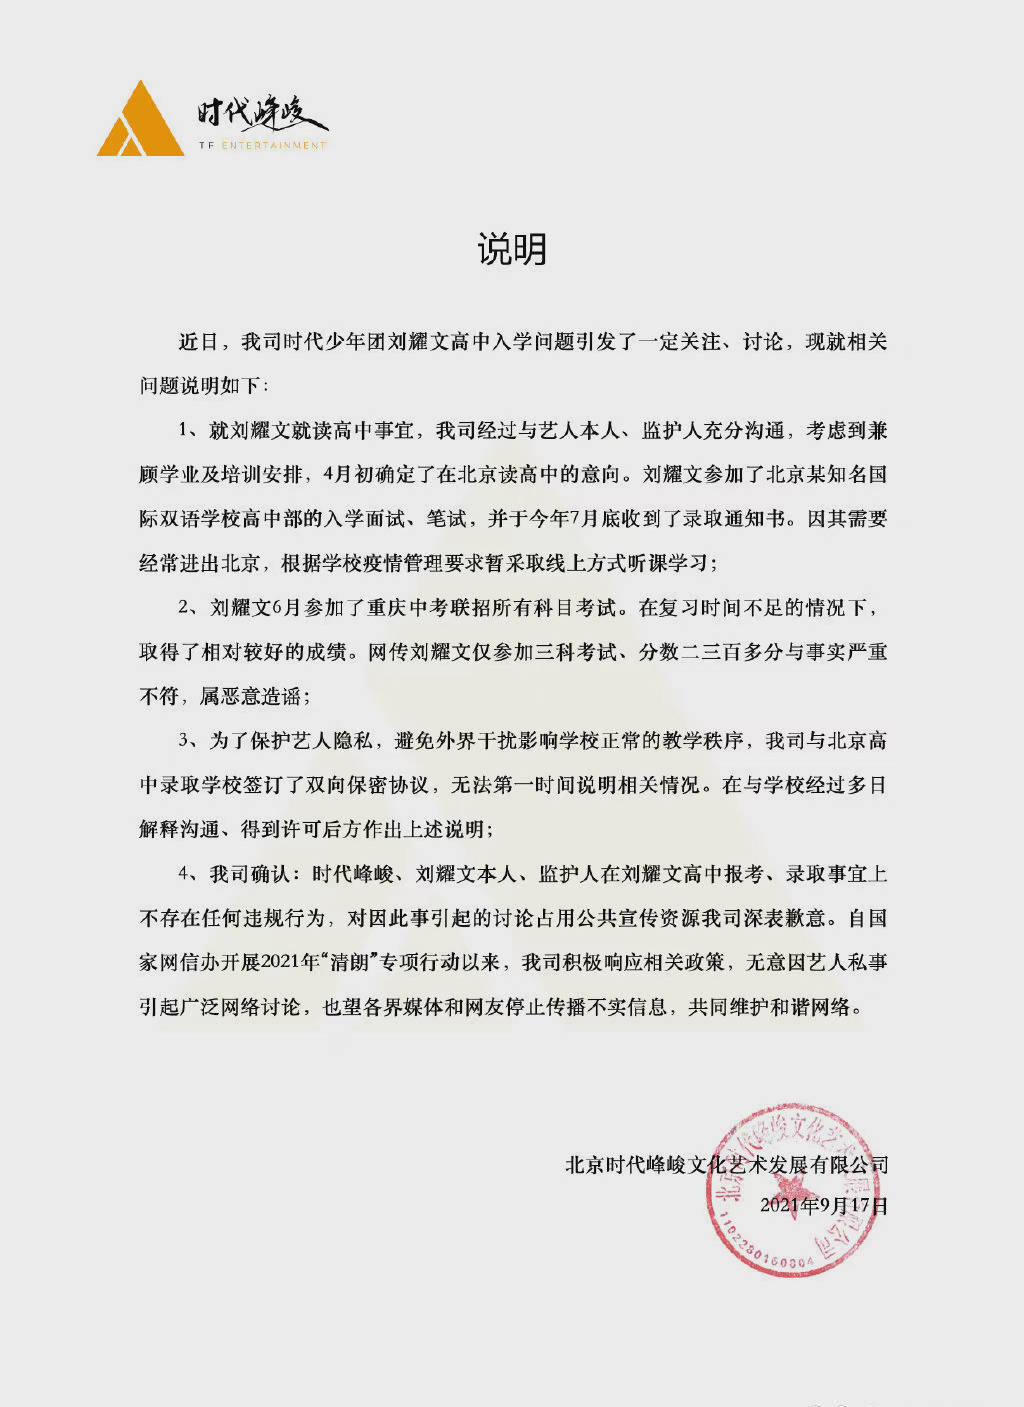 時代峰峻回應劉耀文高中入學問題:收到錄取通知書